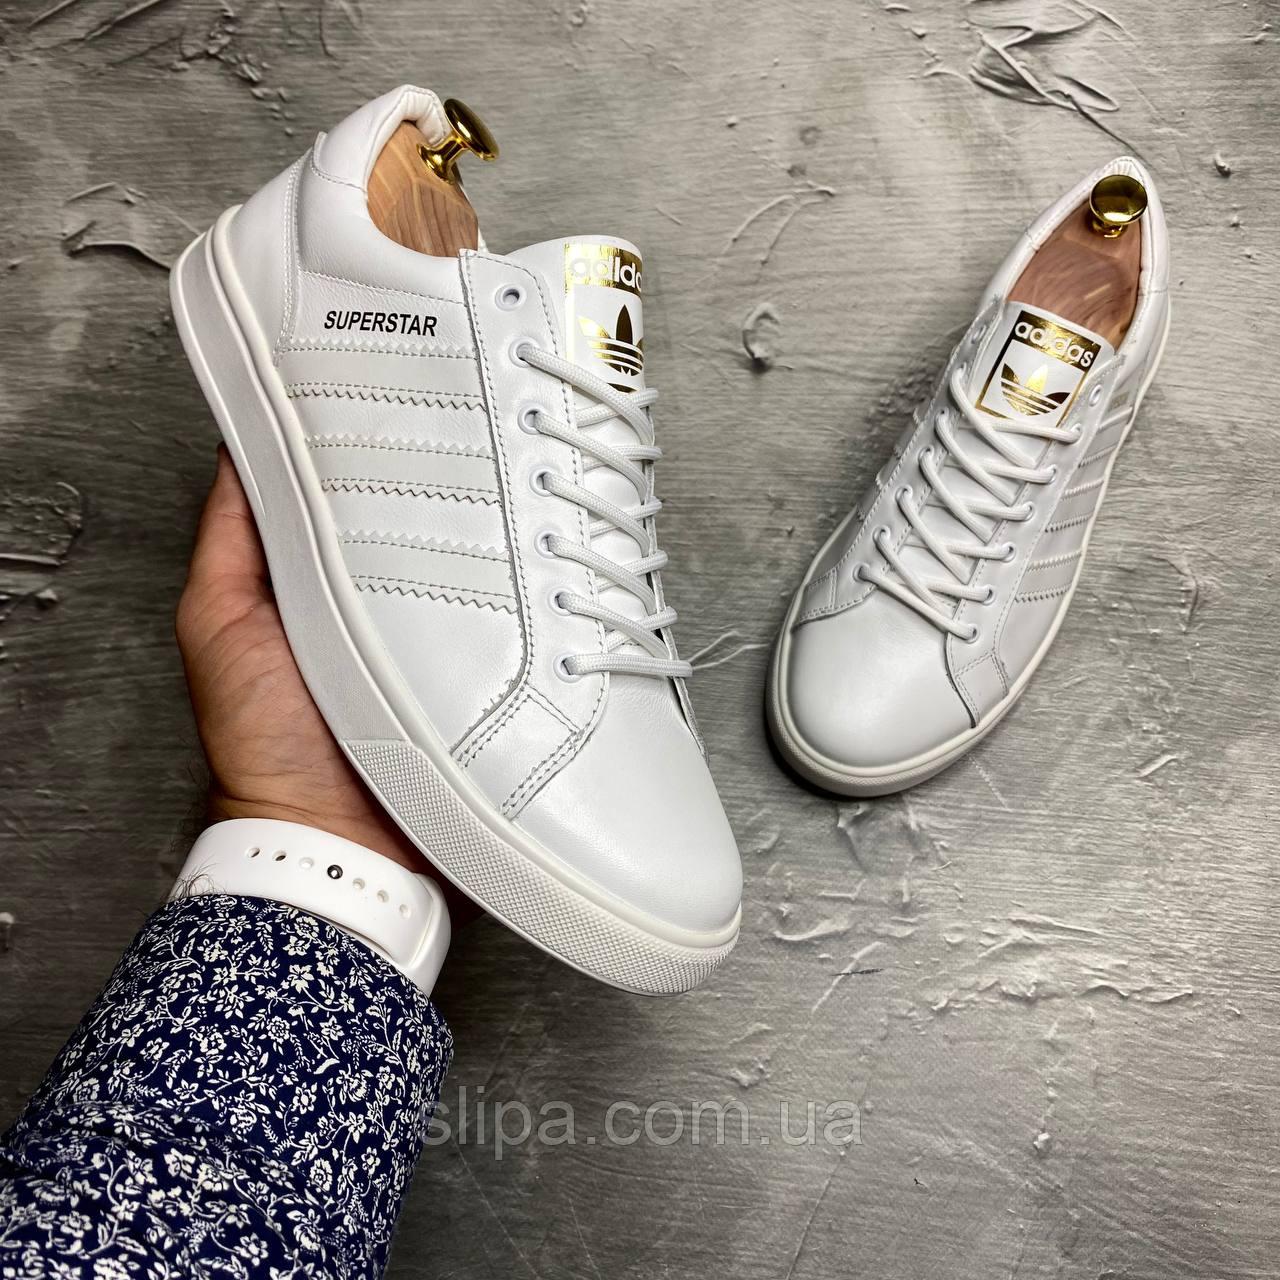 Білі шкіряні кеди чоловічі Adidas Superstar   натуральна шкіра + поліуретан